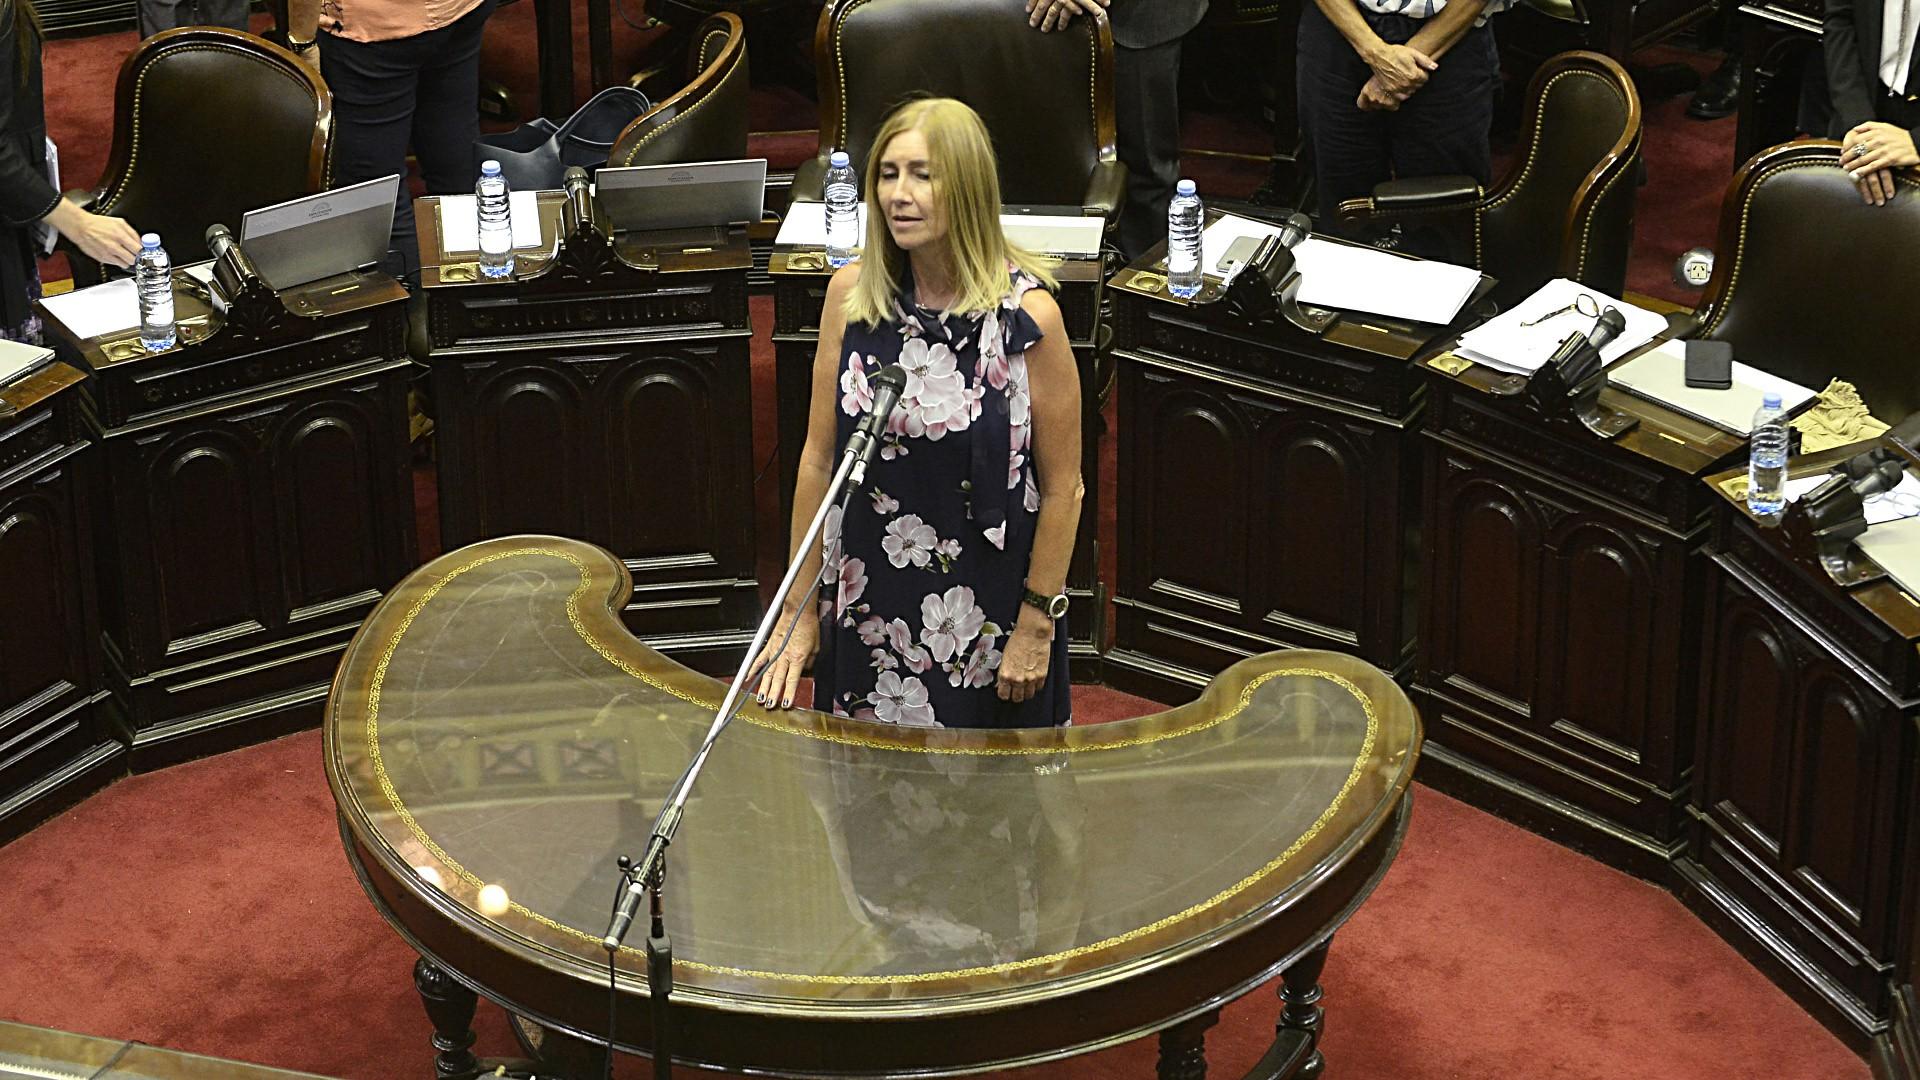 La jura de la legisladora oficialista Liliana Schwindt en reemplazo de Felipe Solá, que ejerce como Canciller